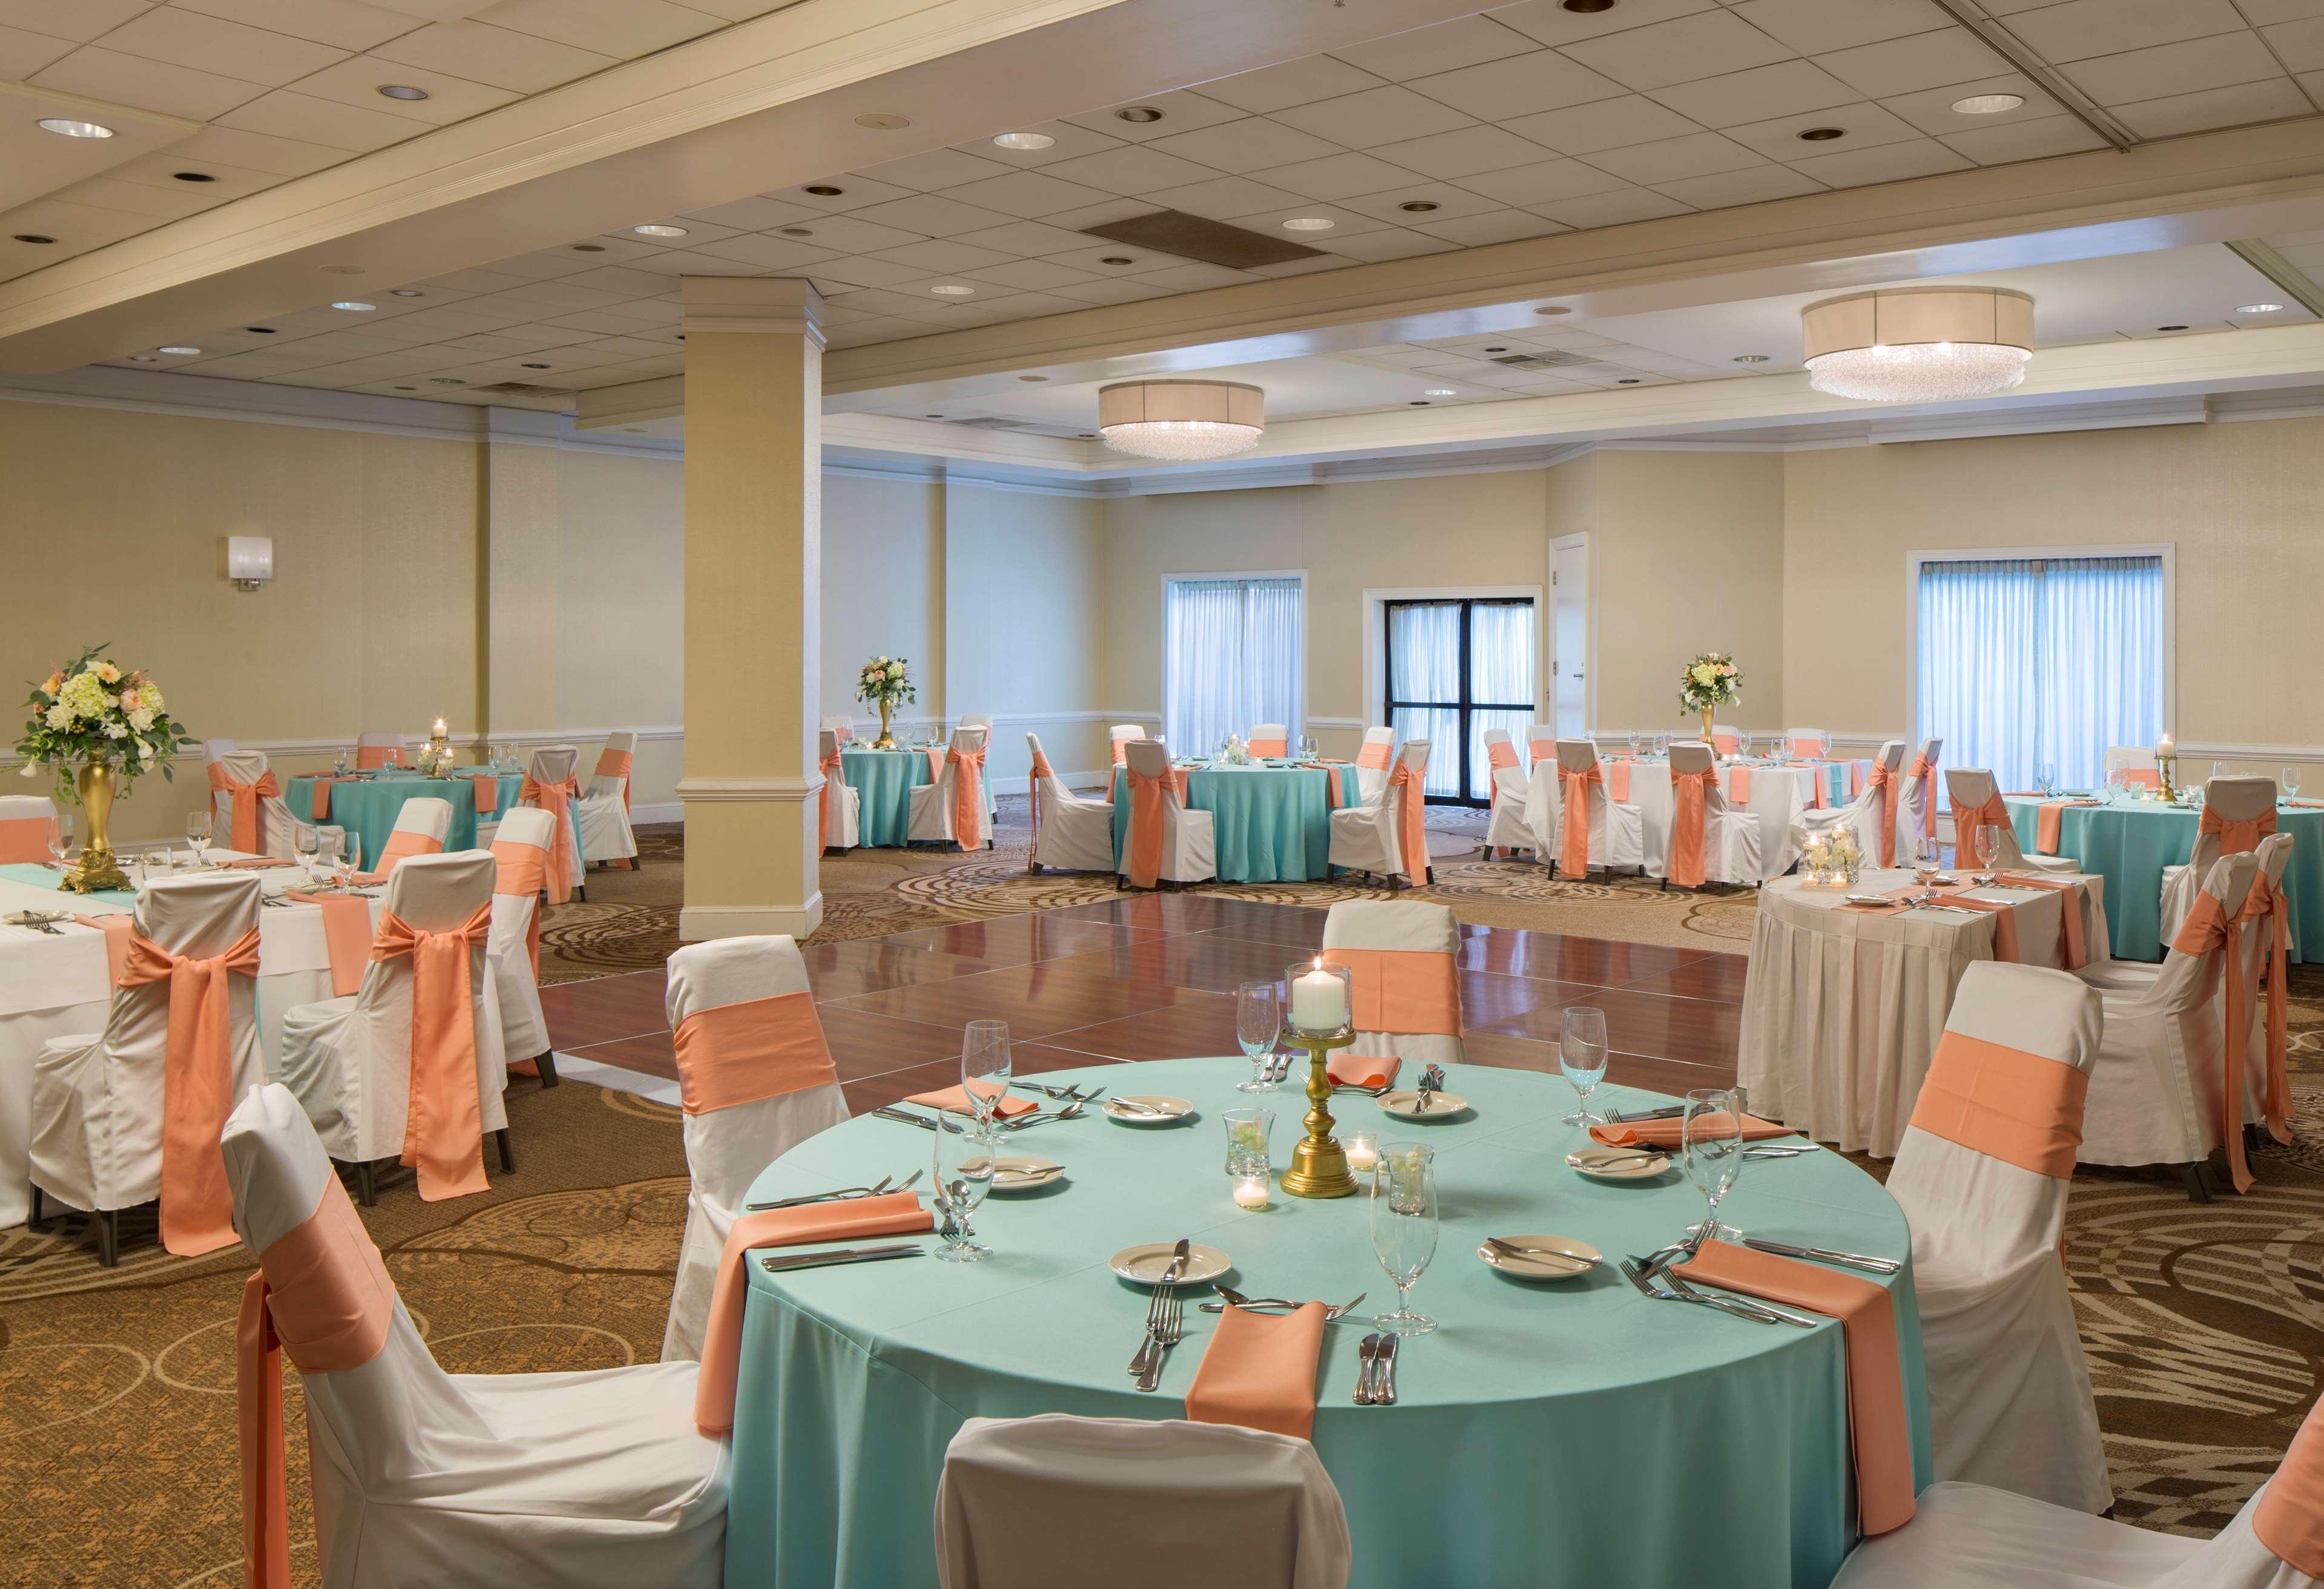 Sheraton Harrisburg Hershey Hotel image 19